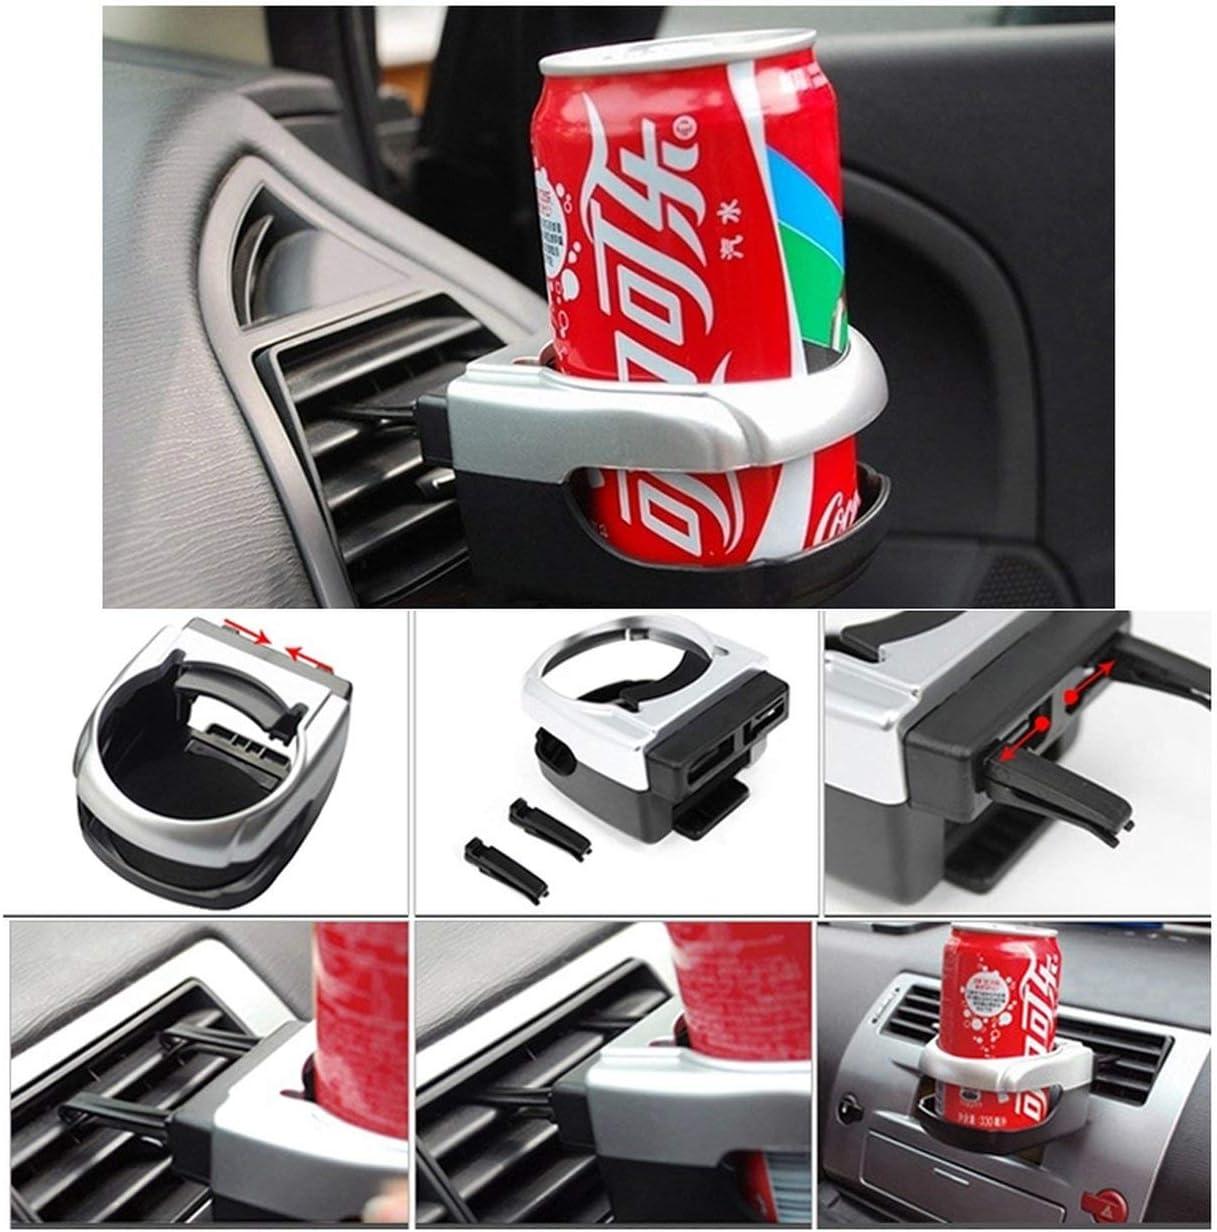 Biyi Auto air Outlet Fahrzeug montiert getr/änkehalter Wasser getr/änkehalter Regal trinkbecher Halter Halterung innen Organizer schwarz